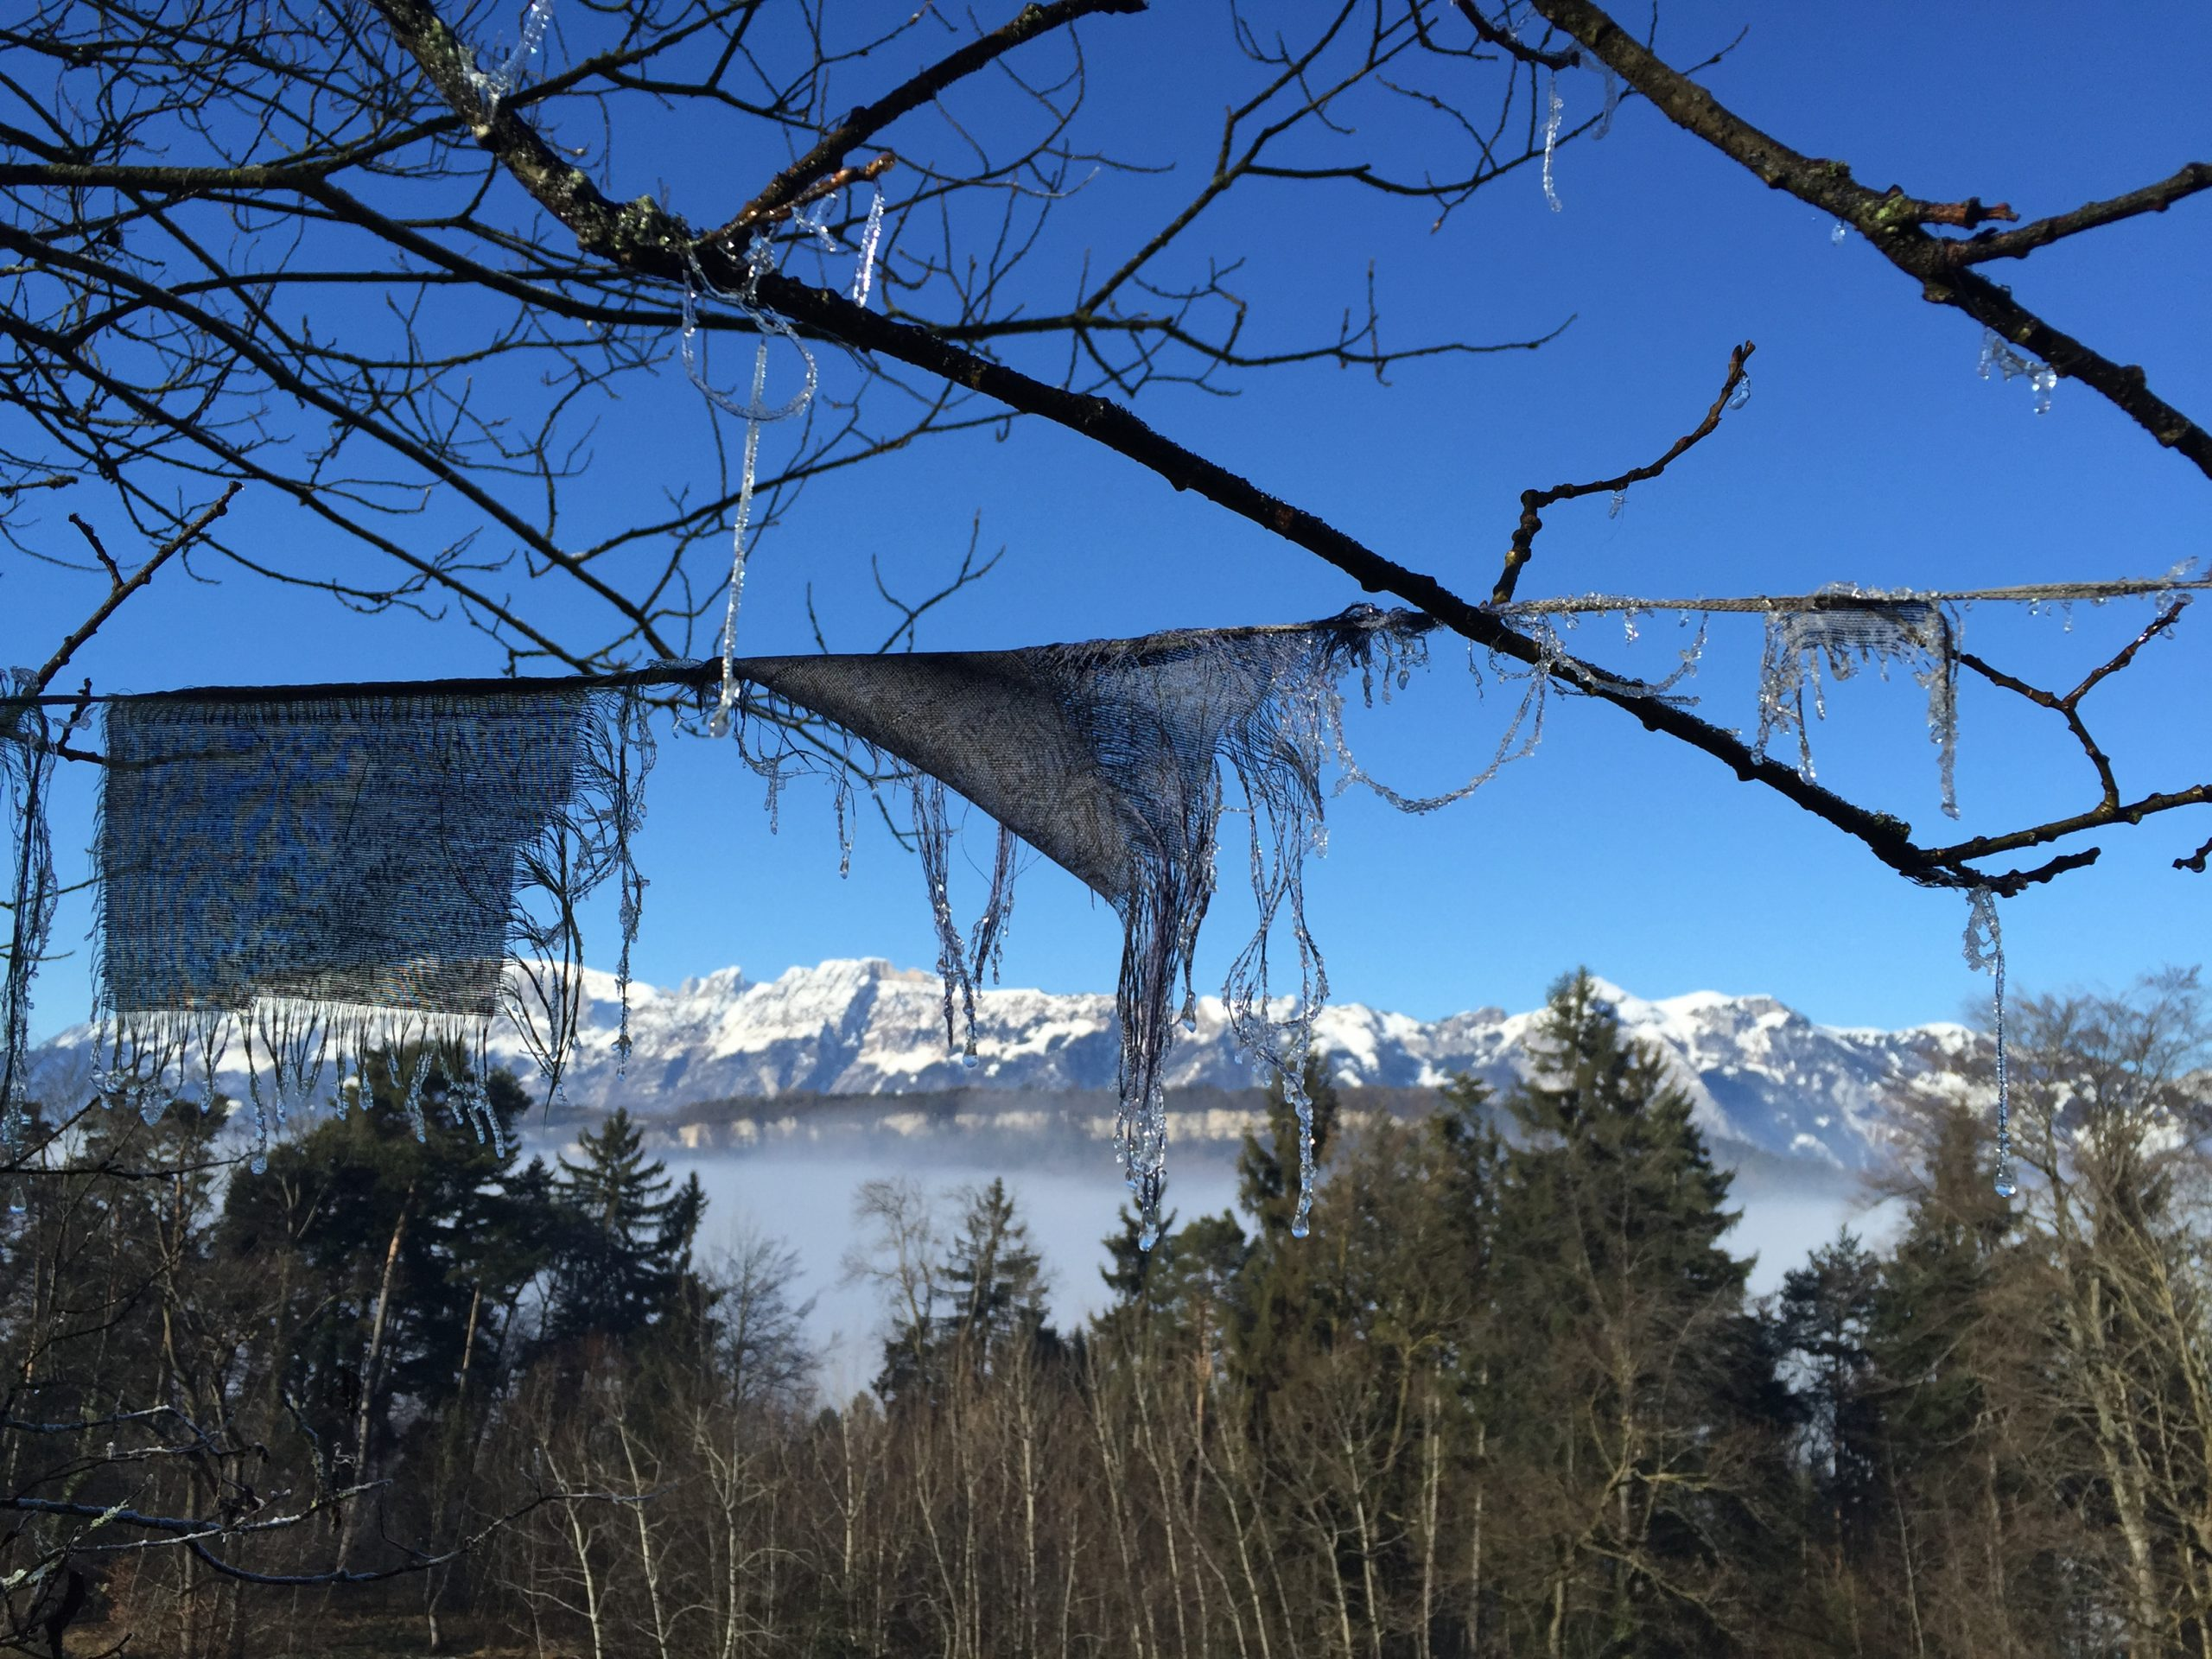 Gebetsfahnen_Winter_Berge